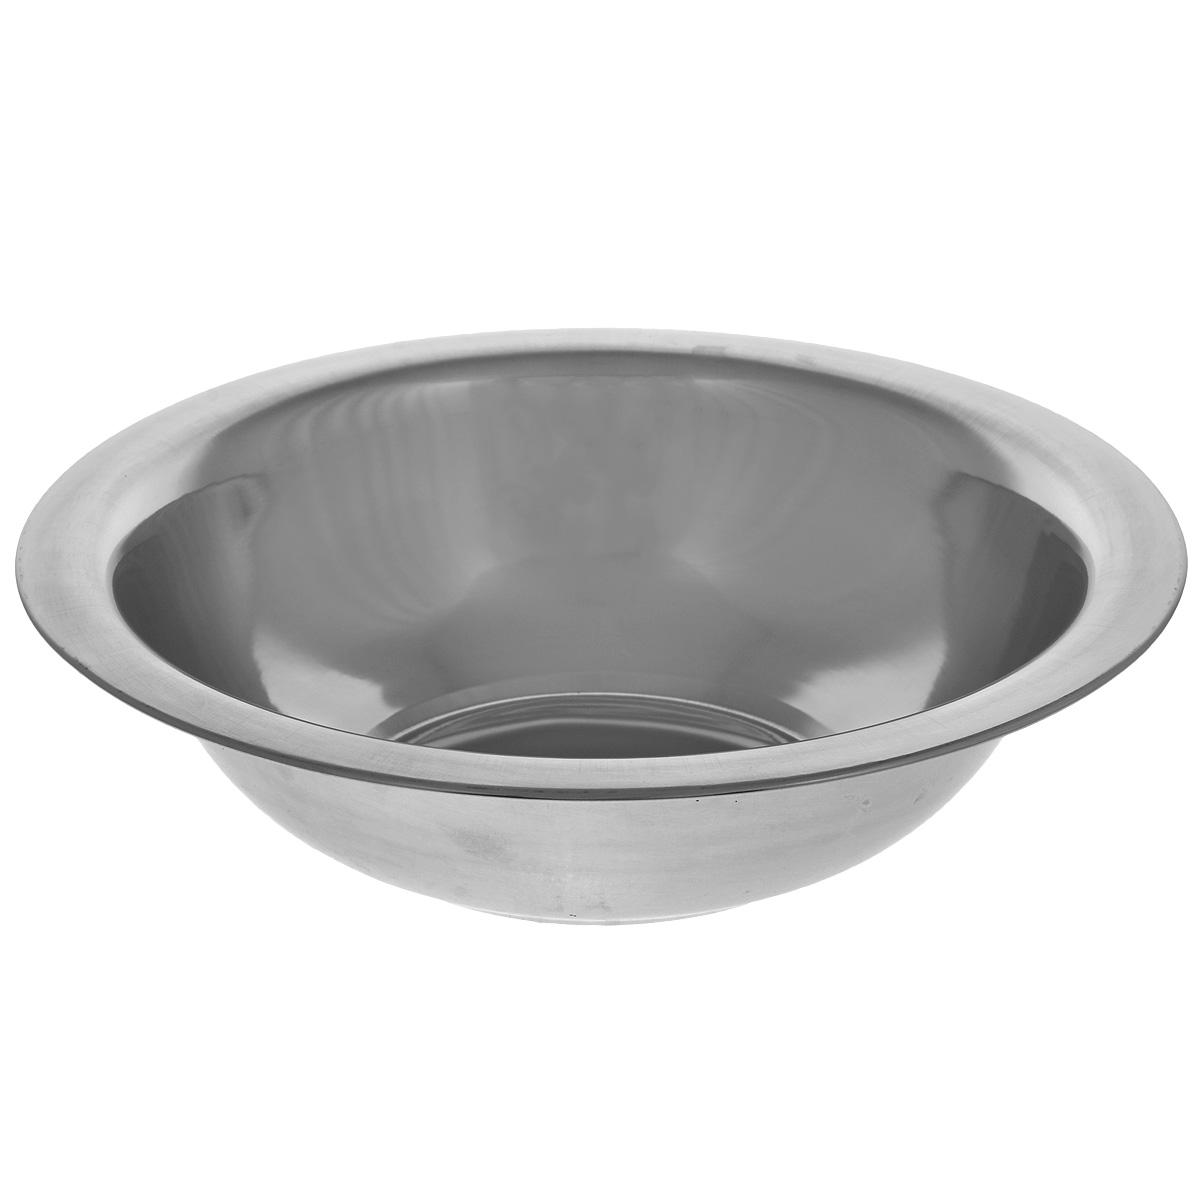 """Миска """"Padia"""" изготовлена из нержавеющей стали. Удобная посуда прекрасно подойдет для походов и пикников. Прочная, компактная миска легко моется. Отлично подойдет для горячих блюд.Диаметр миски: 23,5 см.Высота миски: 6,5 см."""